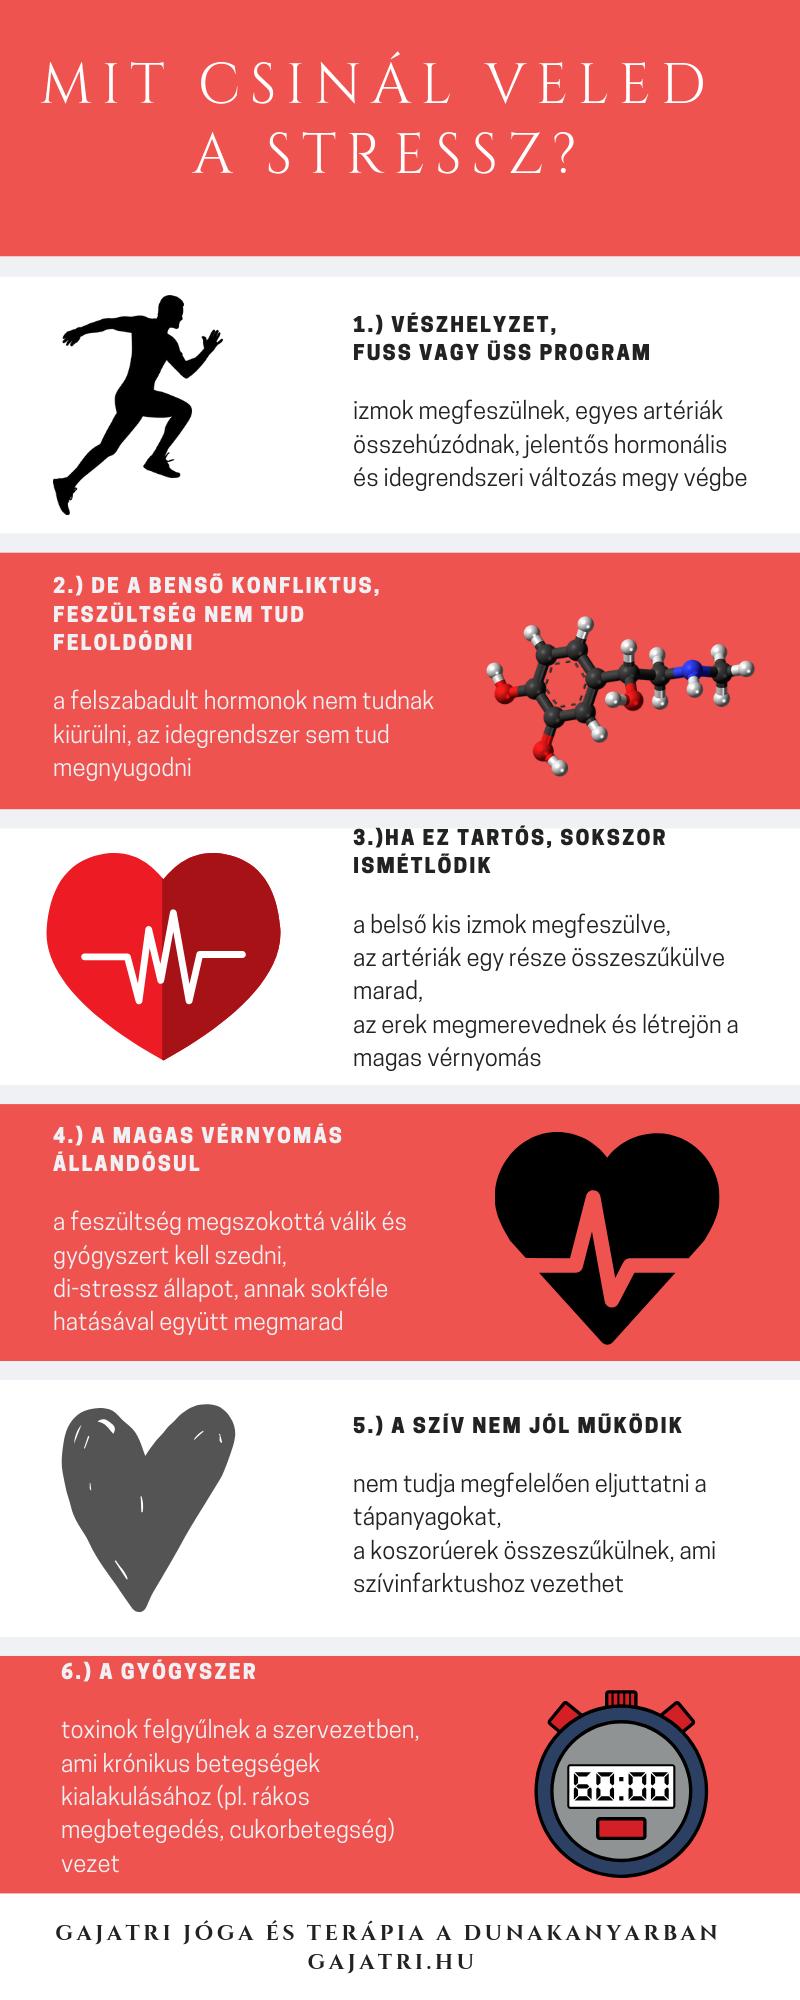 magas vérnyomás betegség szerve)